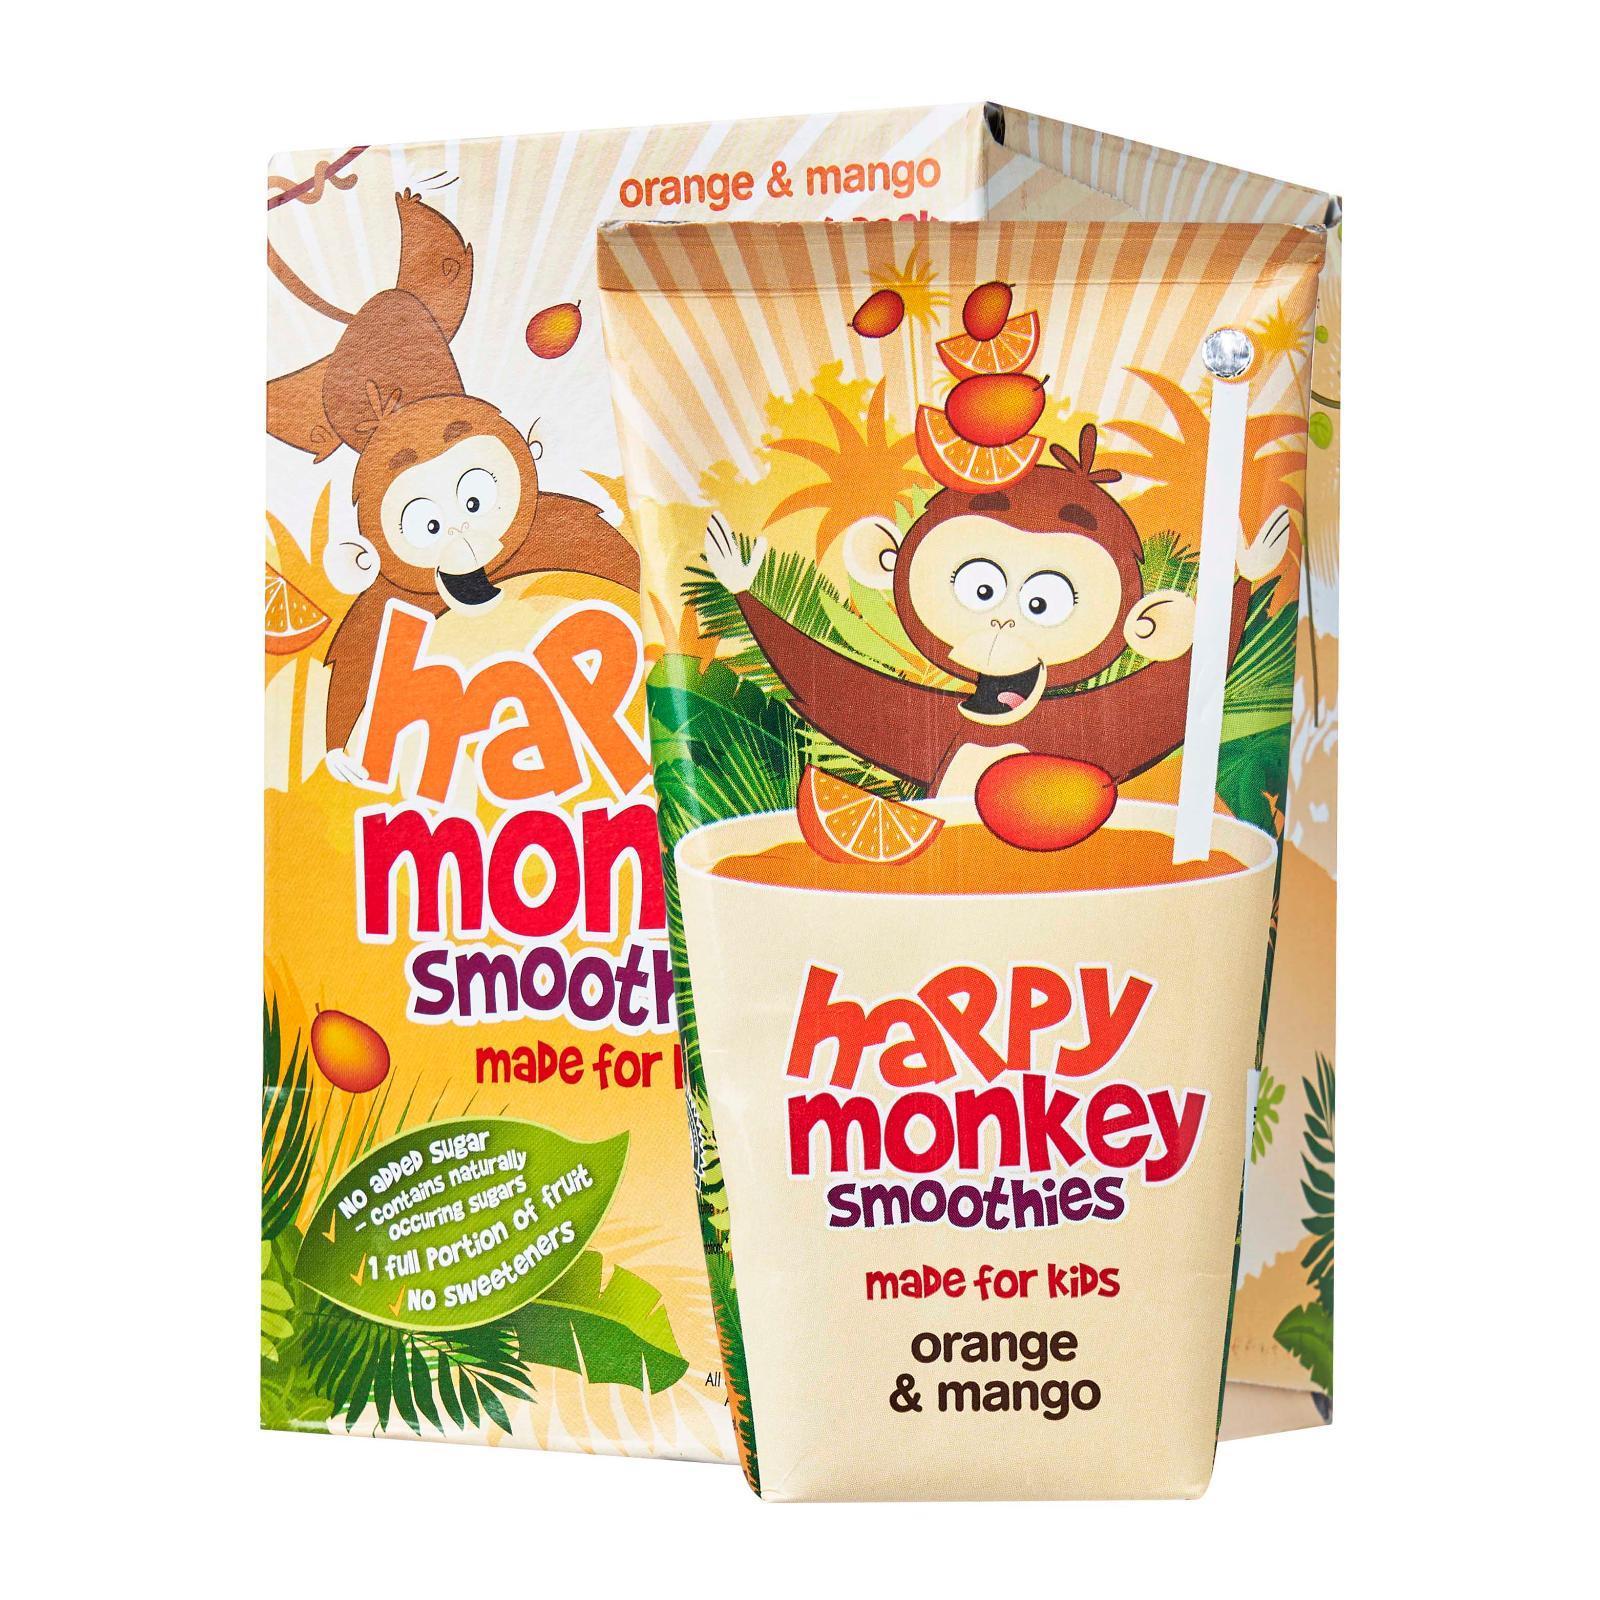 HAPPY MONKEY 100-Percent Fruit Smoothies - Made for Kids - Orange Mango x4